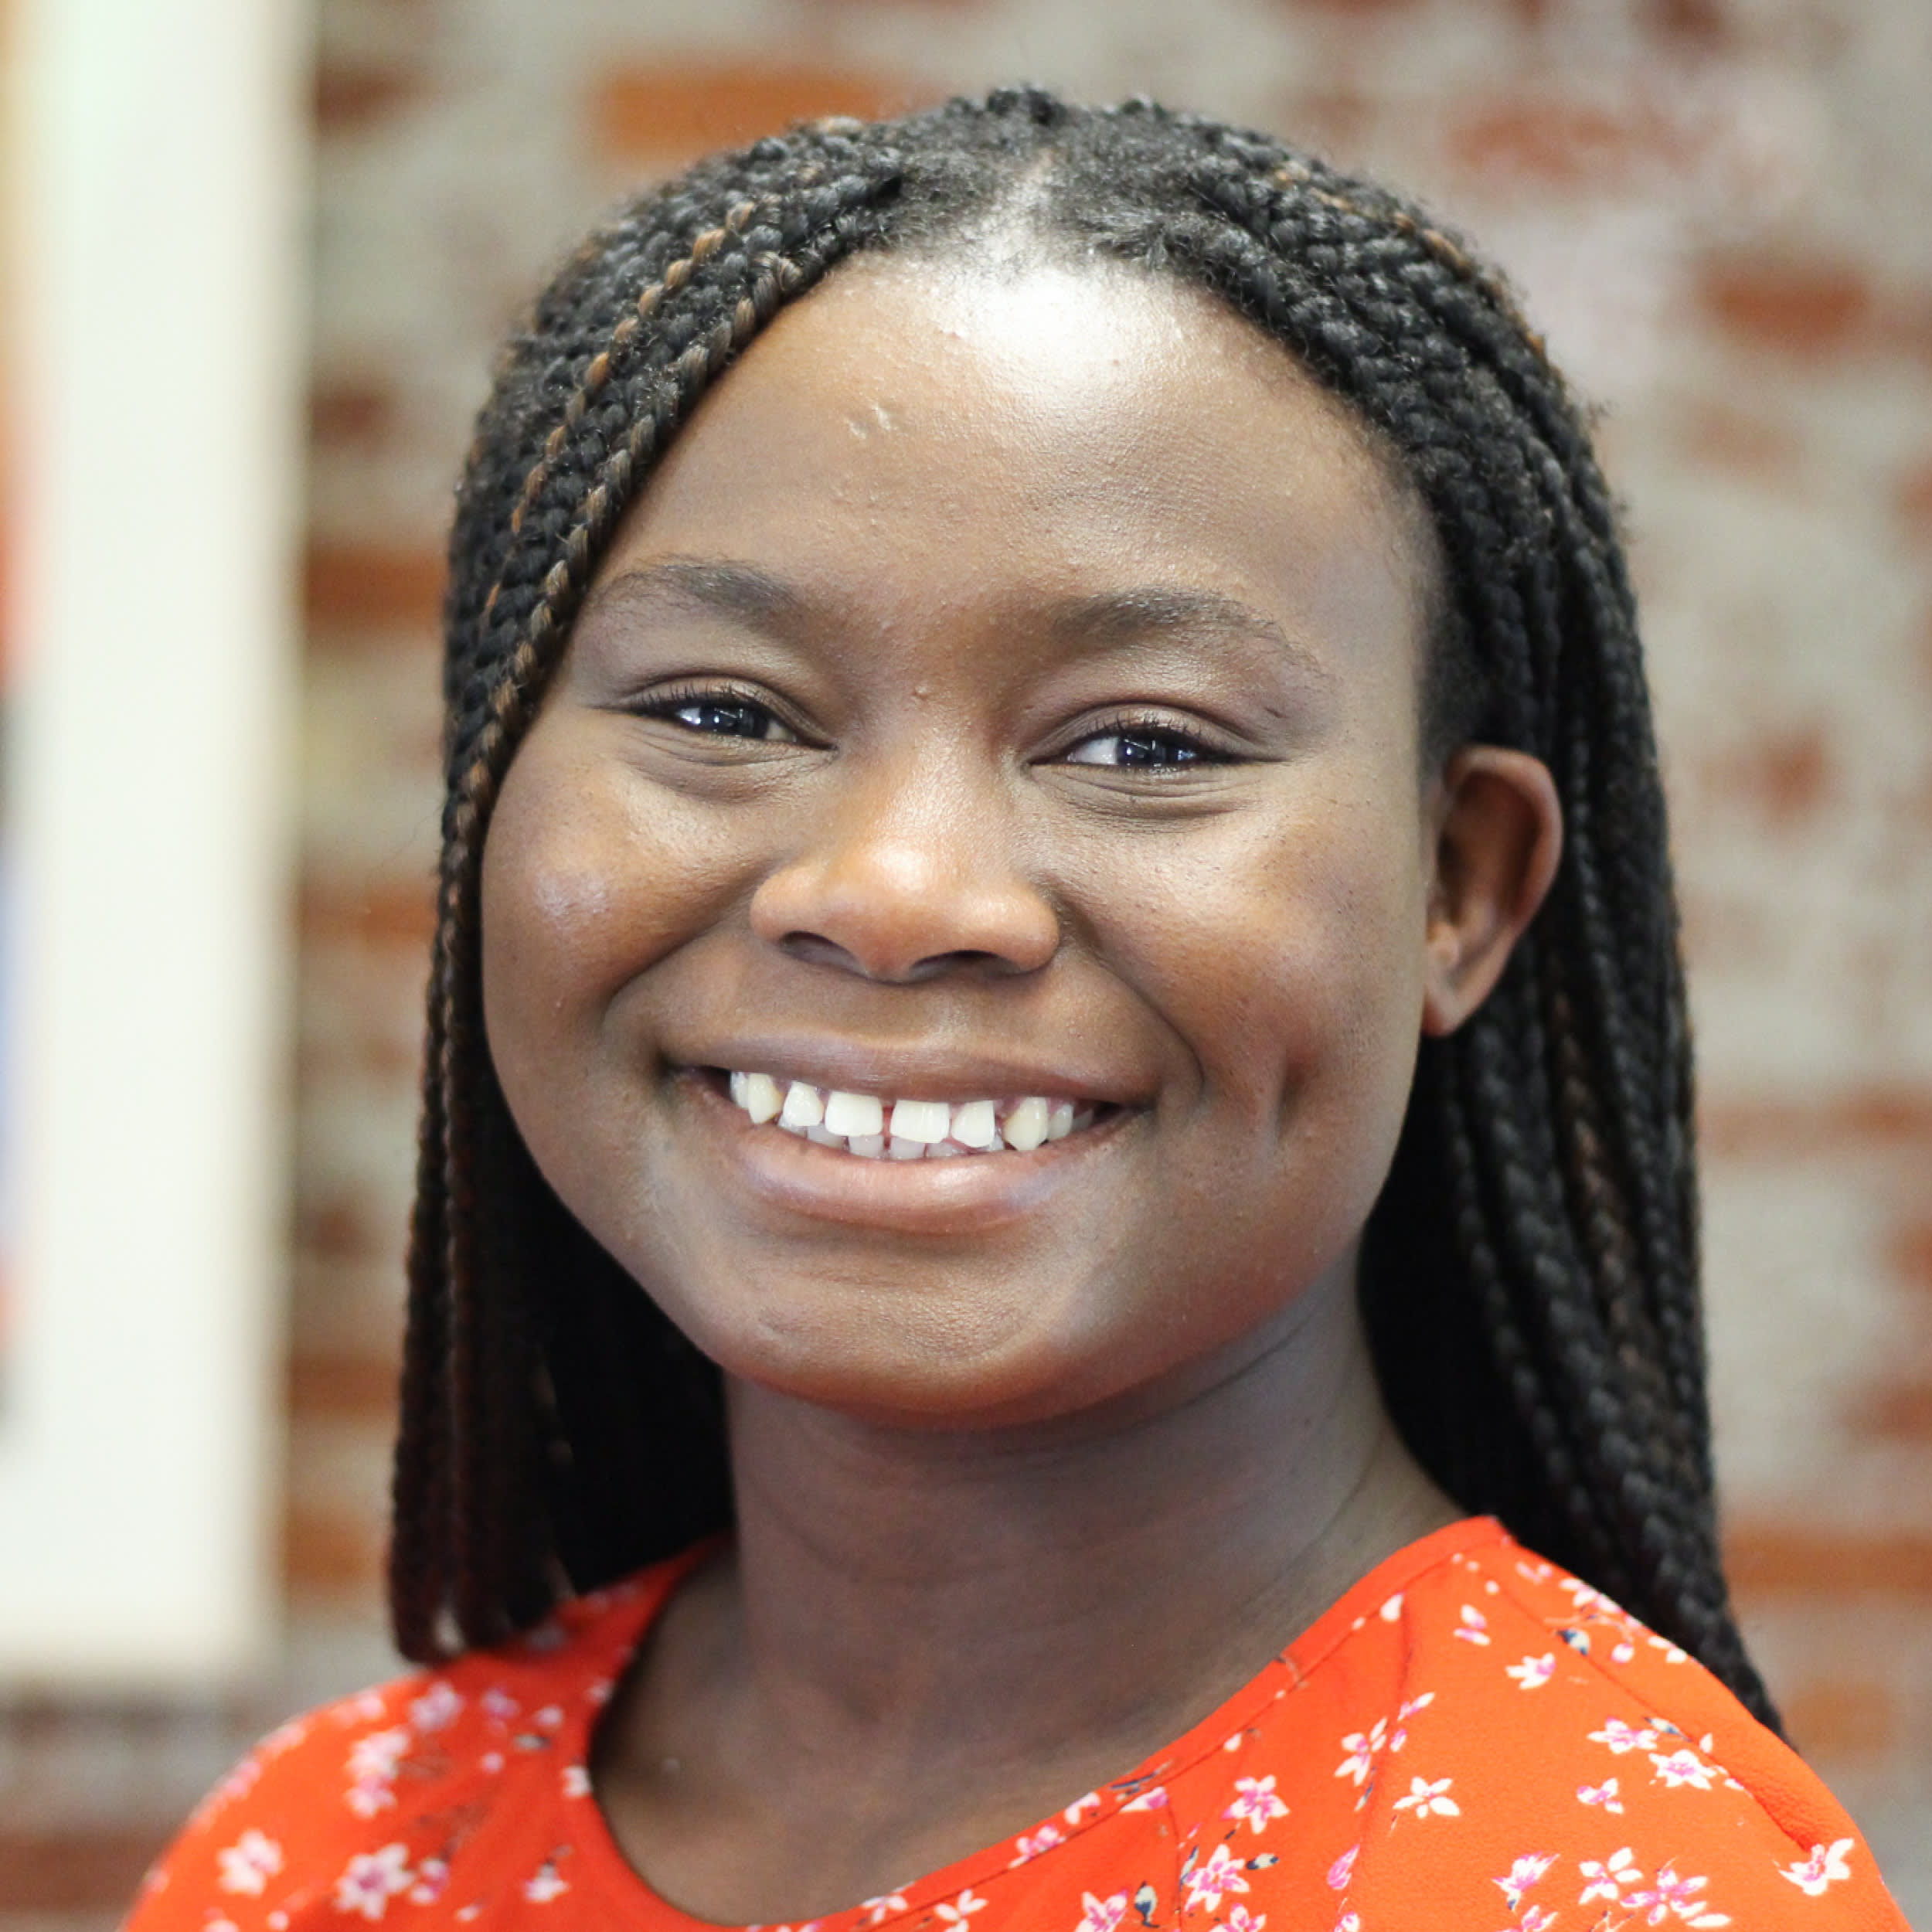 Annie Ndama